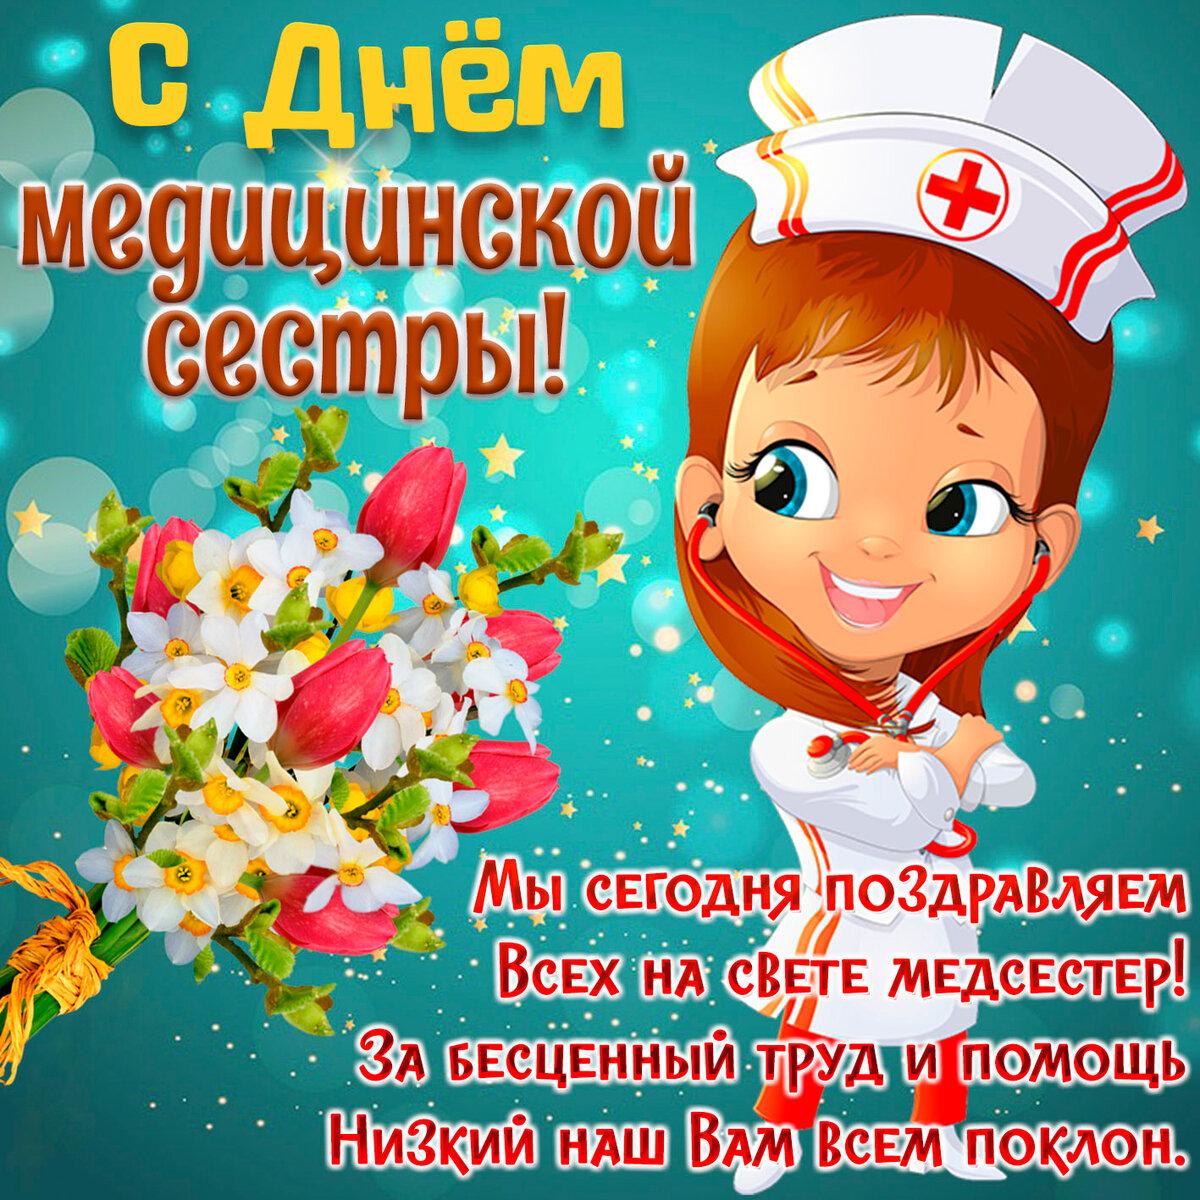 Медицинские поздравления с днем медика